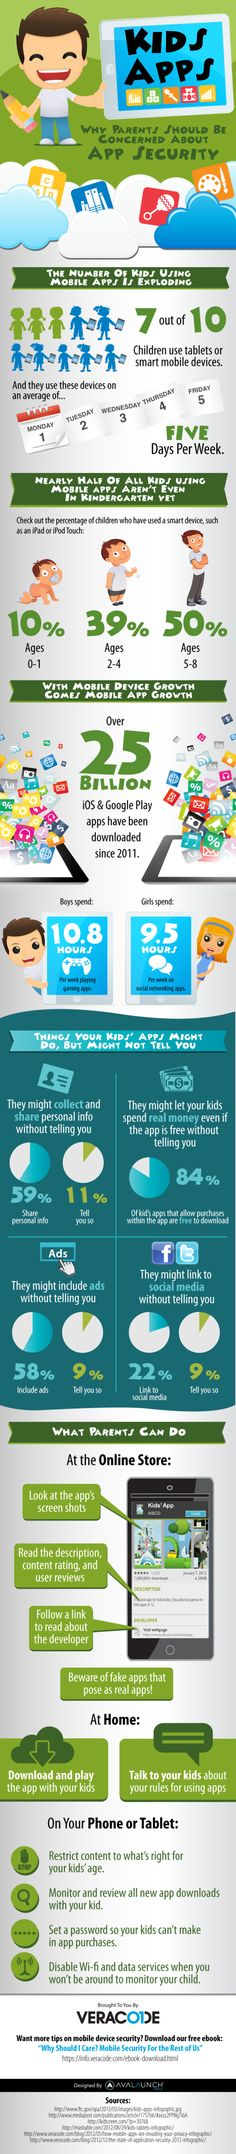 ¿Por qué los padres deben preocuparse sobre la seguridad de las apps para niños?